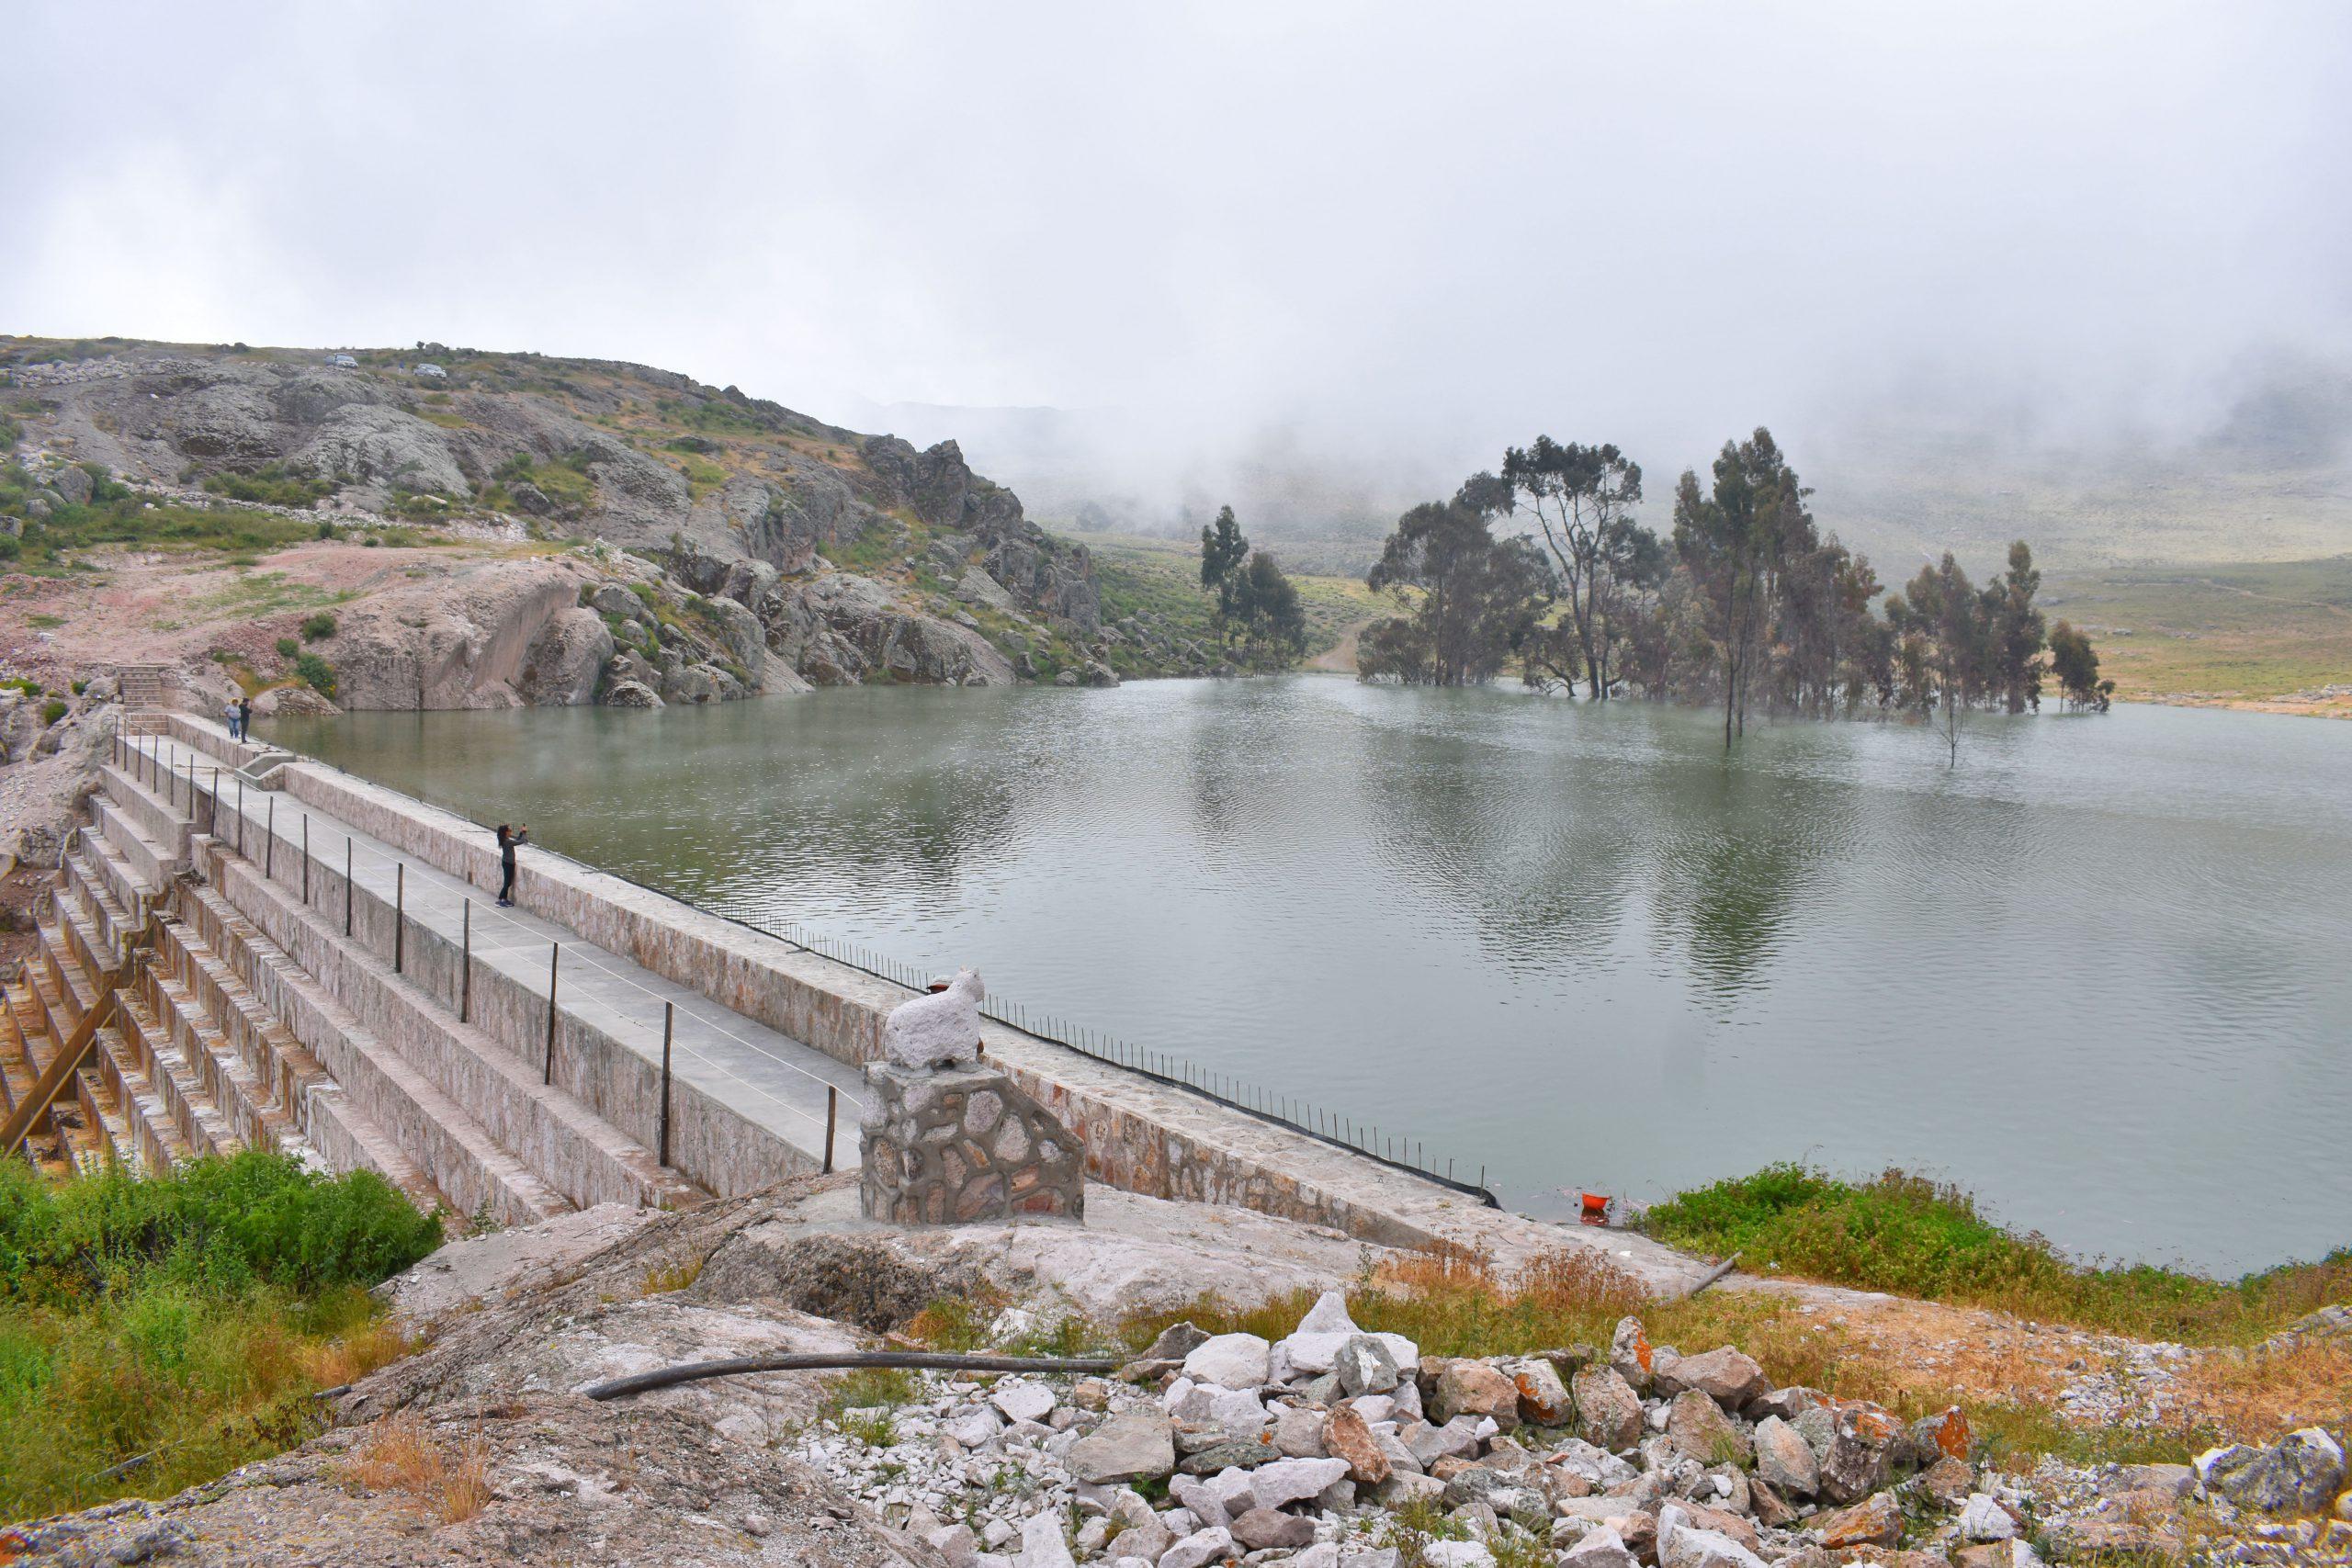 Pumasauli la represa que dio vida a toda una comunidad - Asociación UNACEM (1)